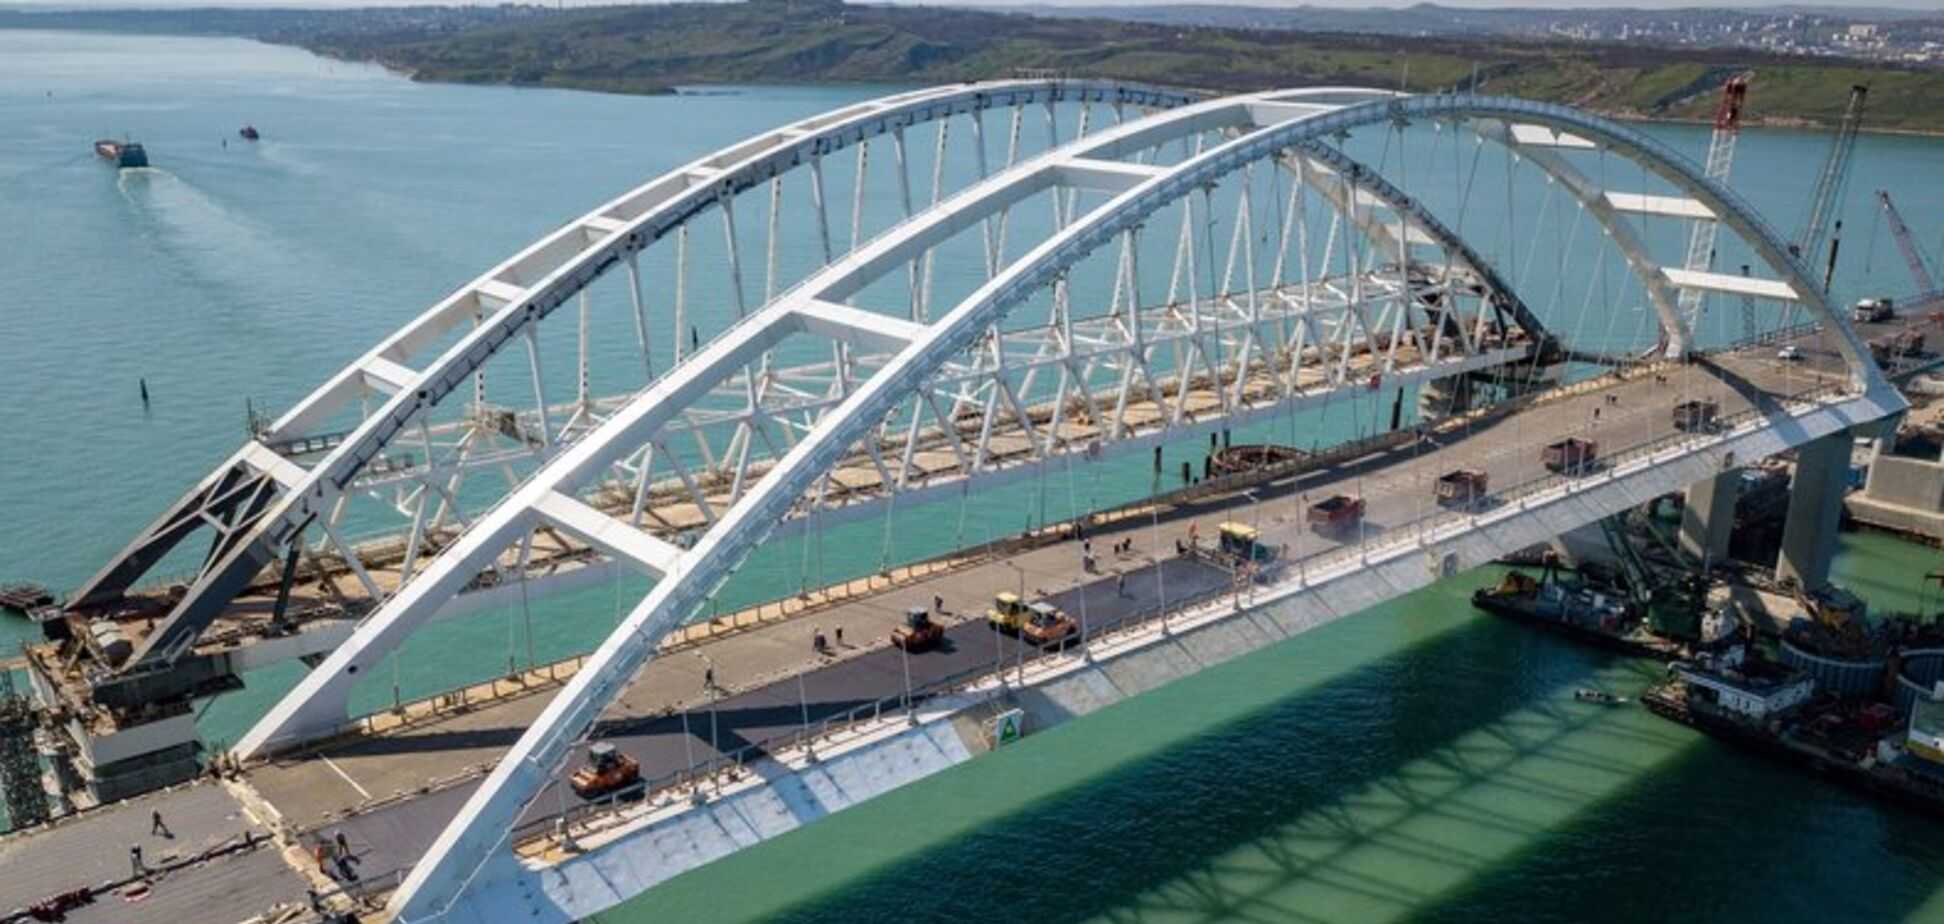 'Це плювок нам': кримчанка розповіла про майбутні проблеми України з Керченським мостом